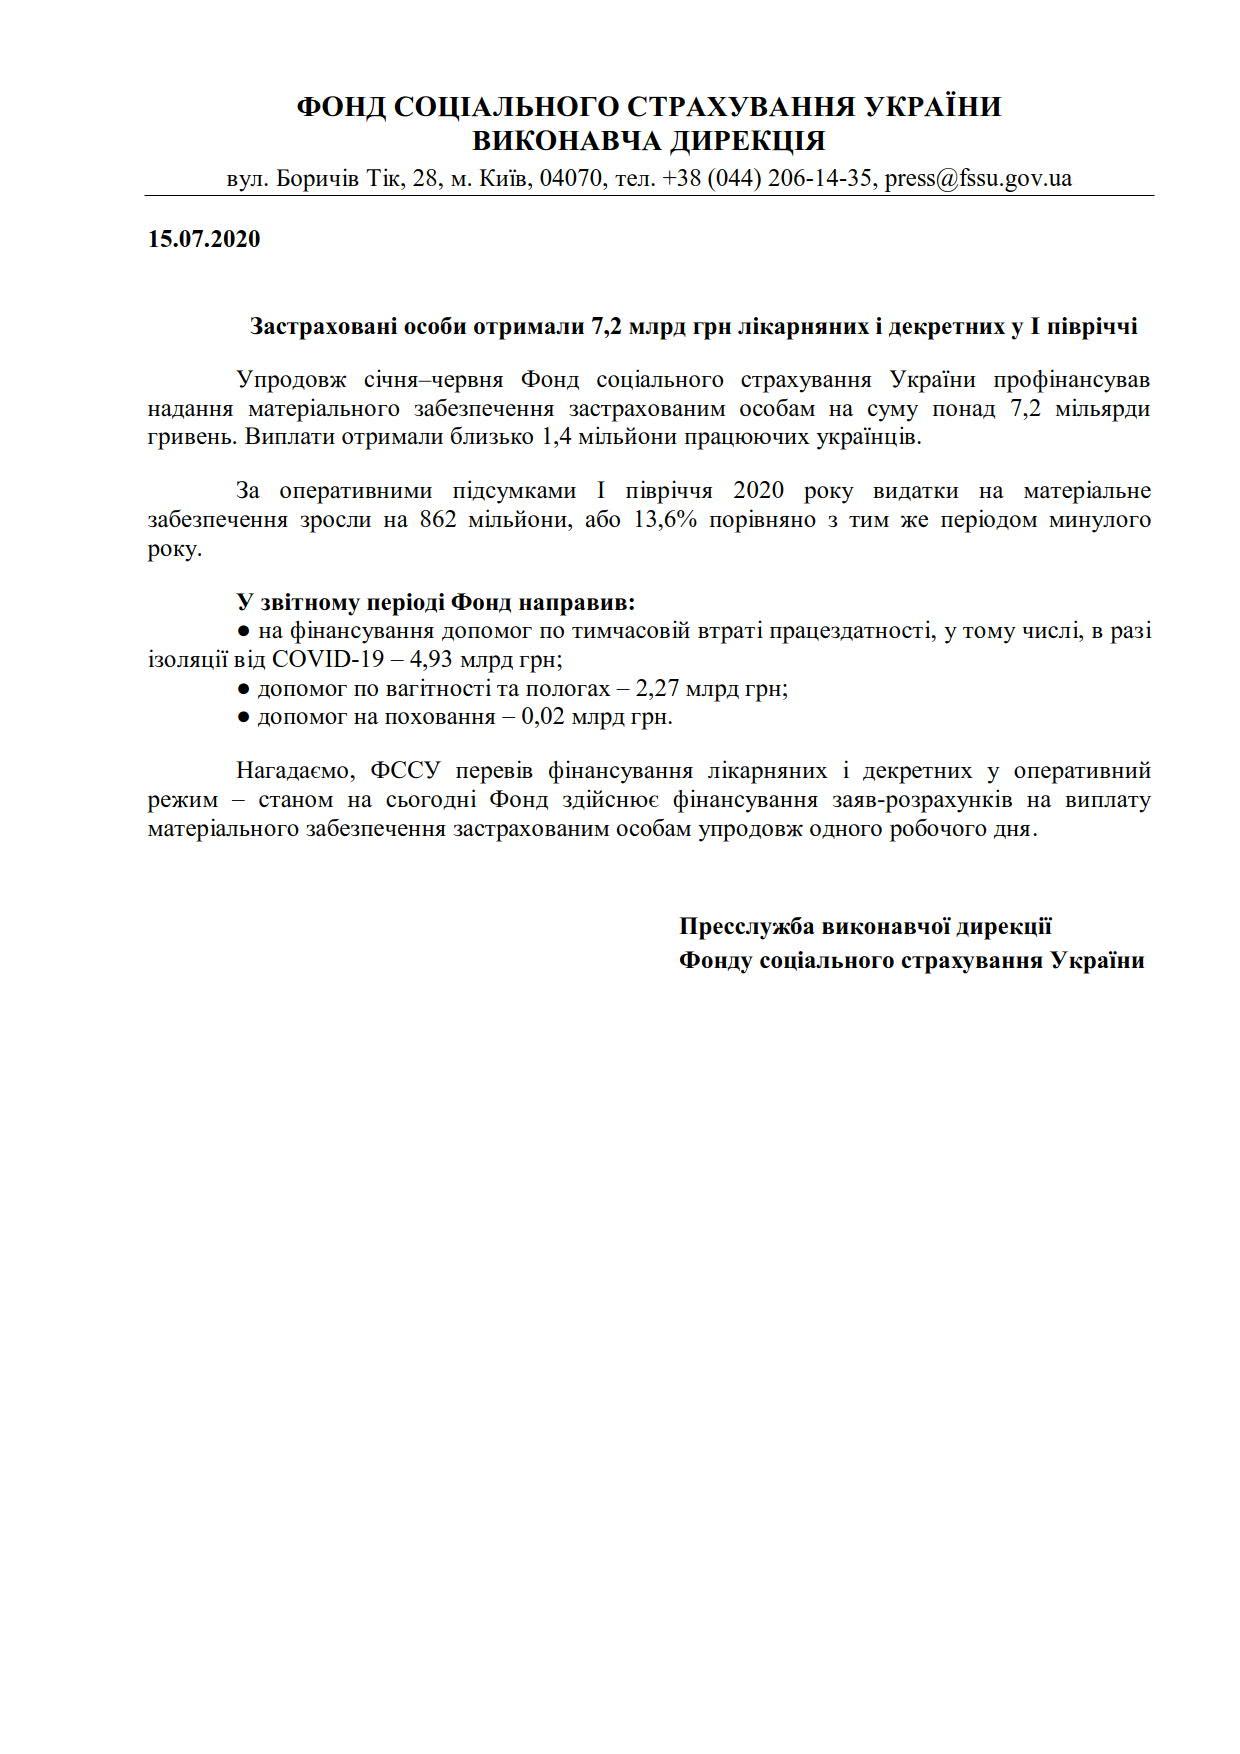 ФССУ_Матеріальне забезпечення І півріччя 2020_1